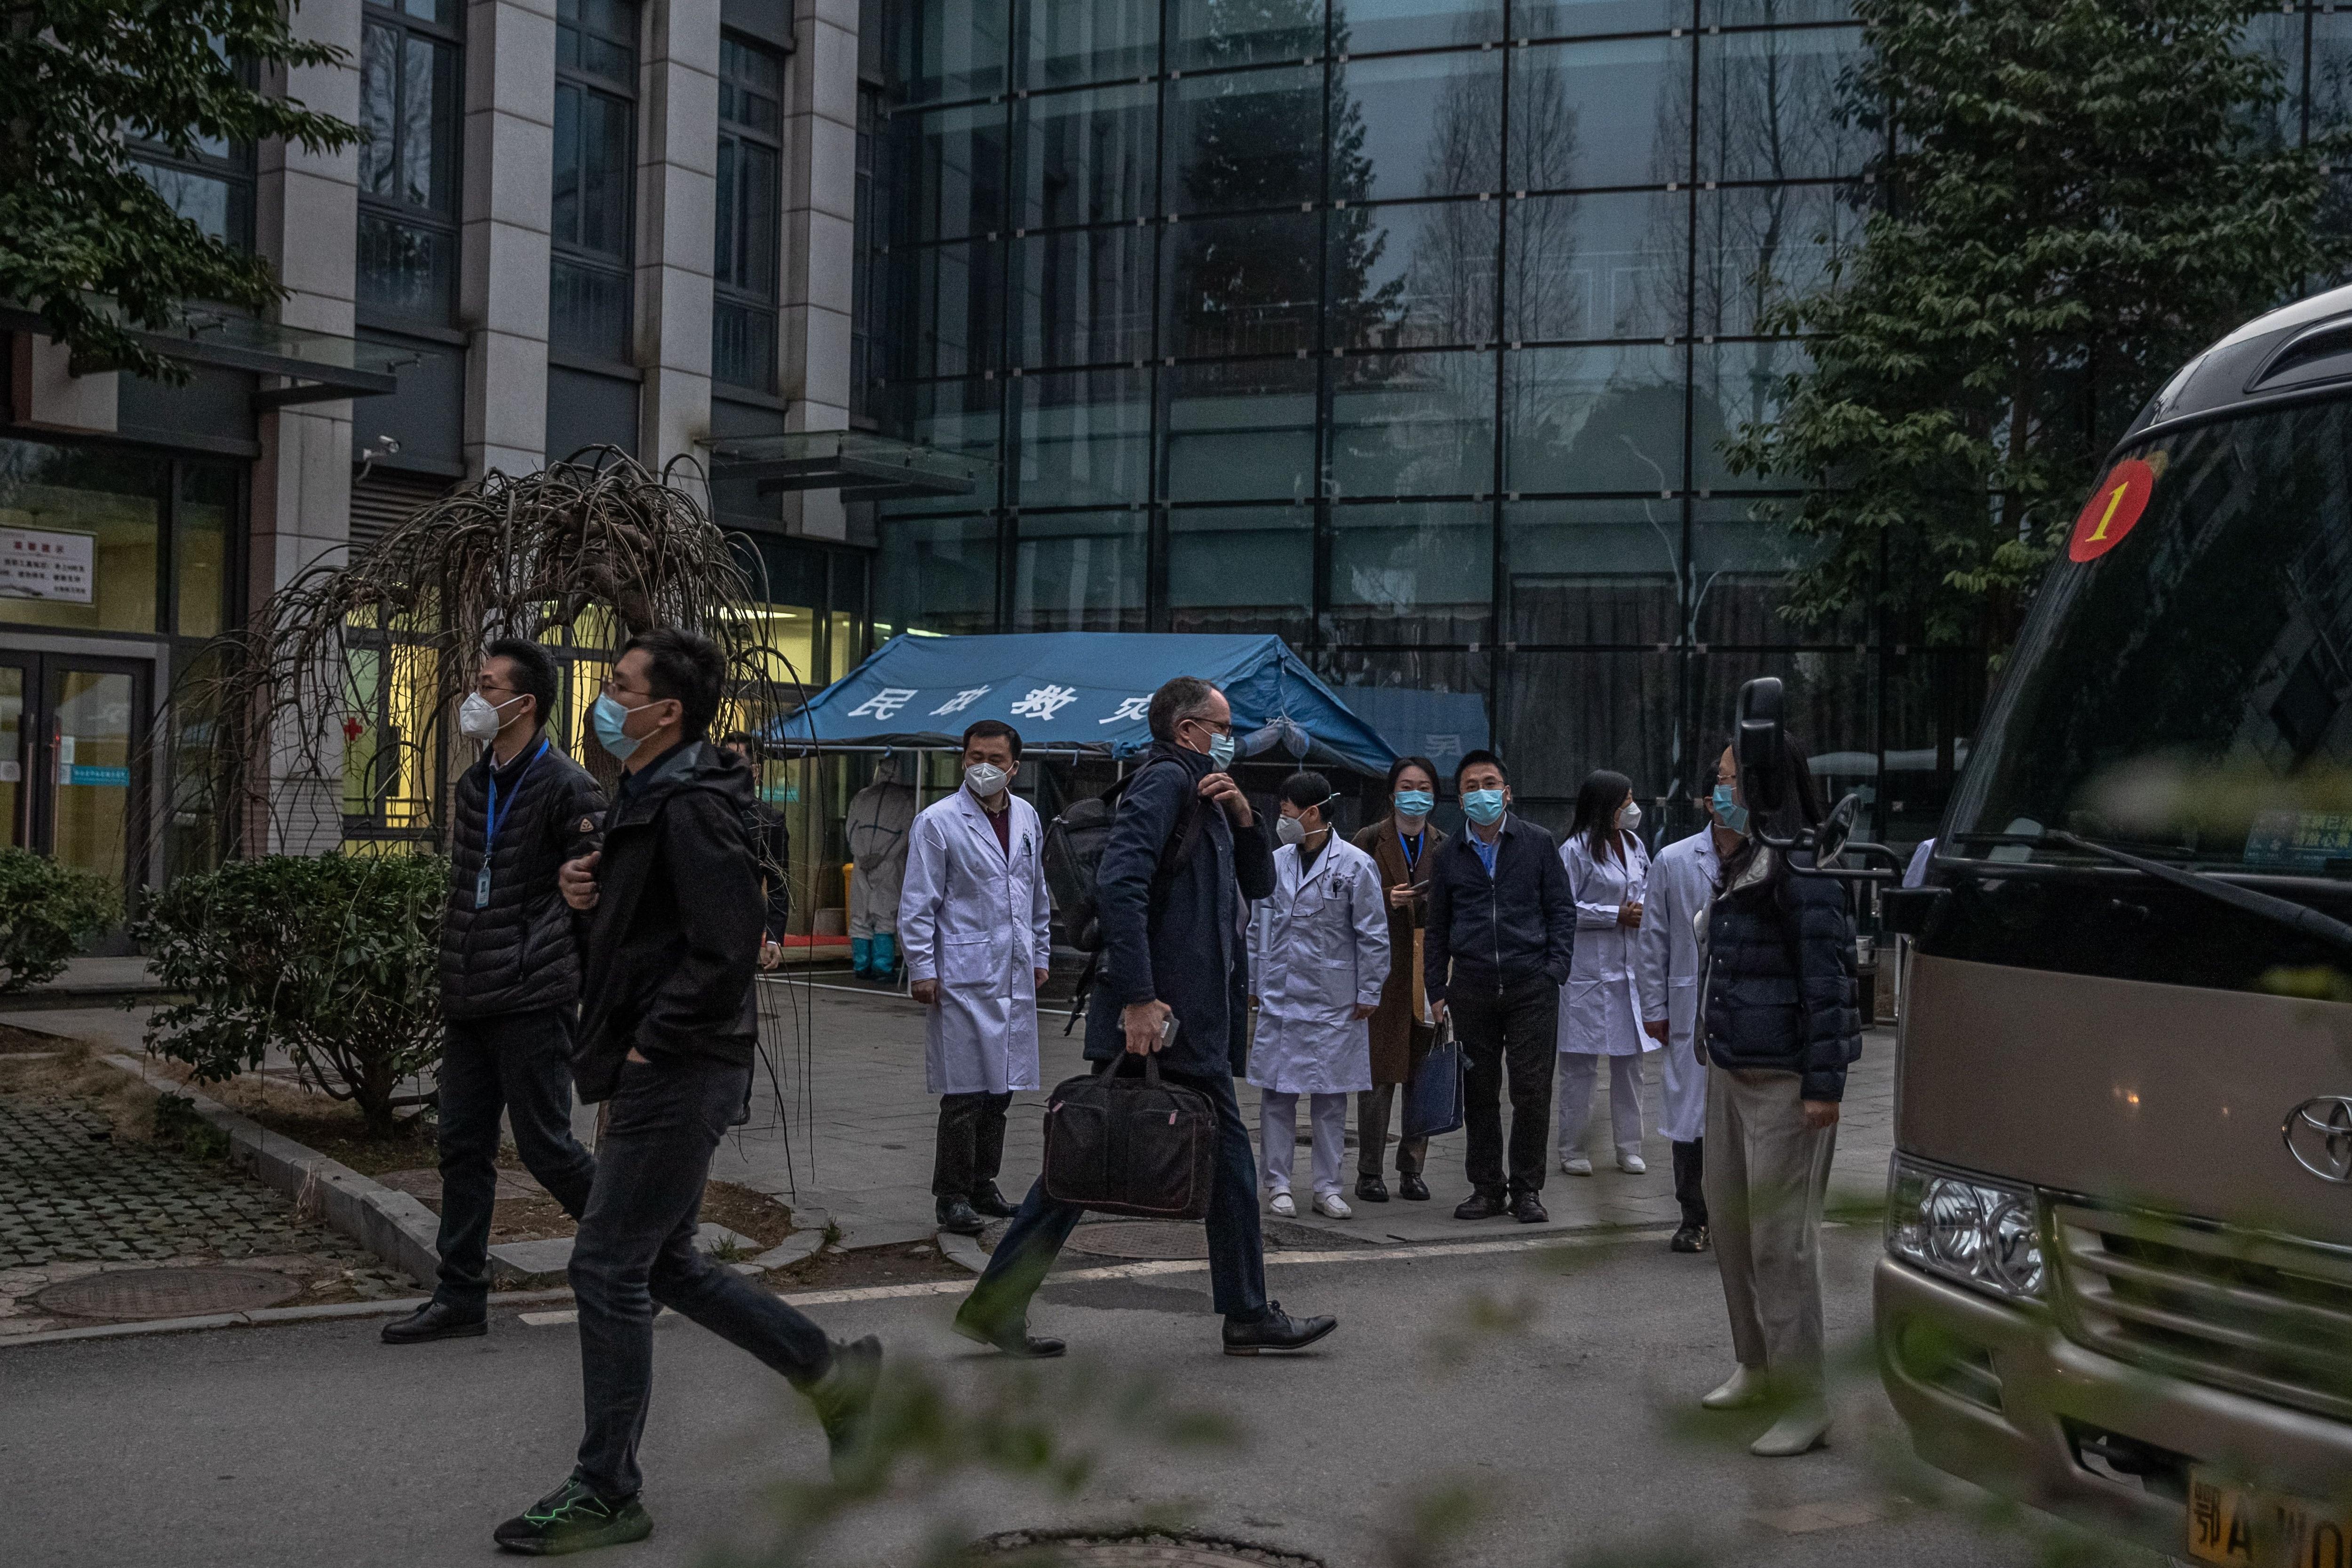 La misión de la Organización Mundial de la Salud (OMS), liderada por Peter Ben Embarek, encontró obstáculos para investigar en China sobre el origen de la pandemia (EFE)